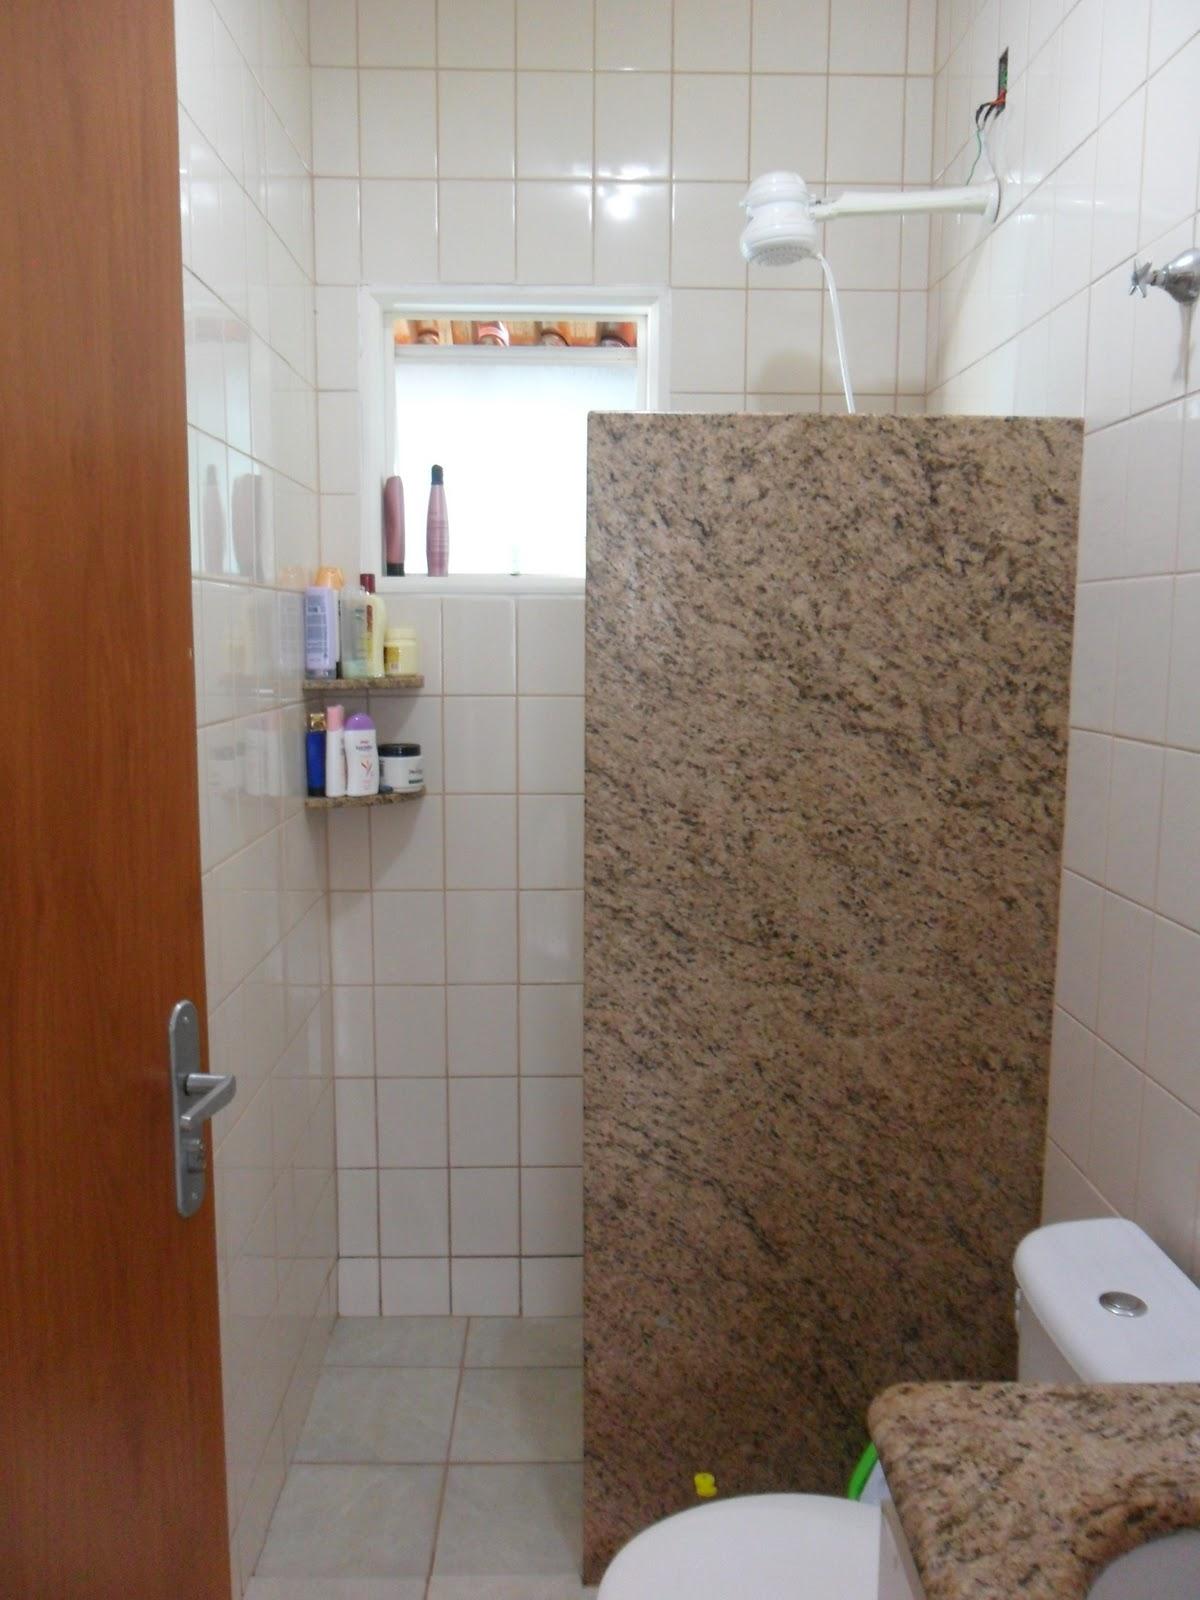 Modificações no banheiro com substituição da #327525 1200 1600